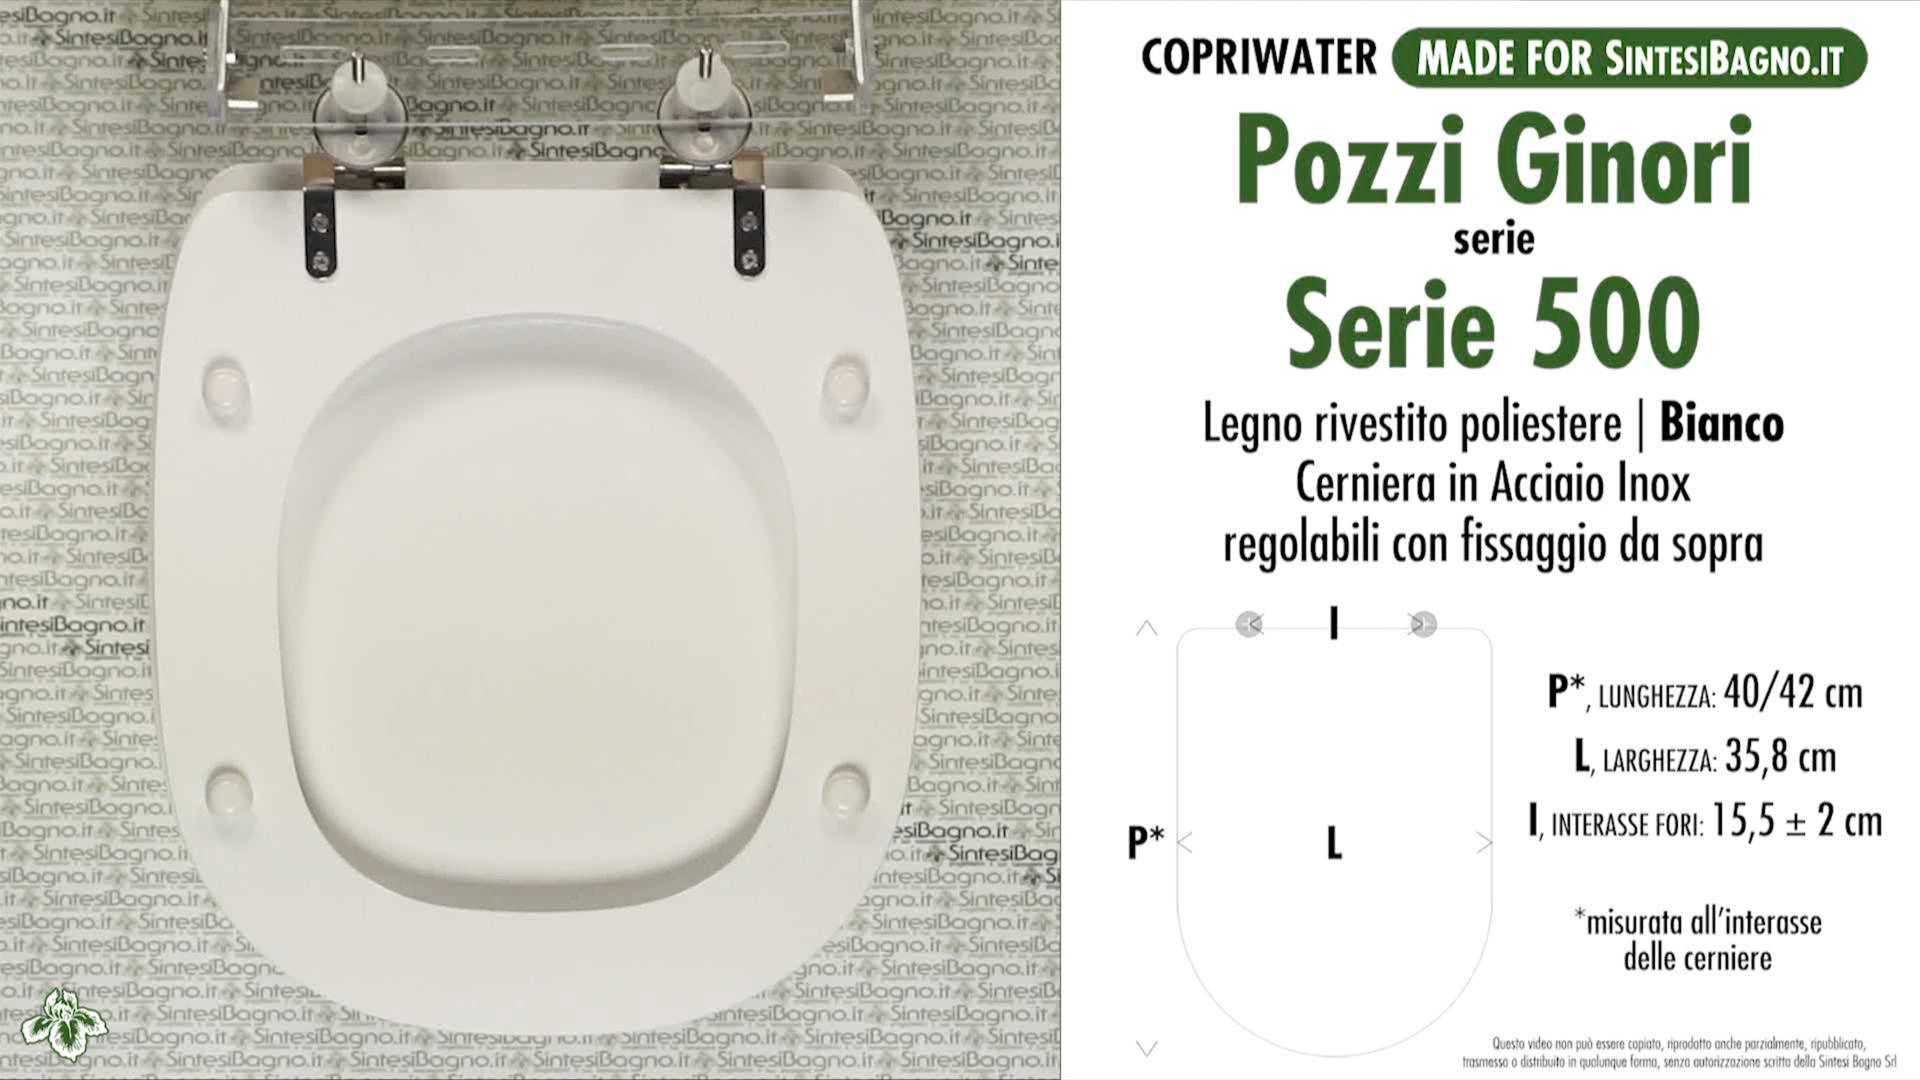 Copriwater Per Wc Serie 500 Pozzi Ginori Ricambio Dedicato Legno Rivestito Sintesibagno Shop Online